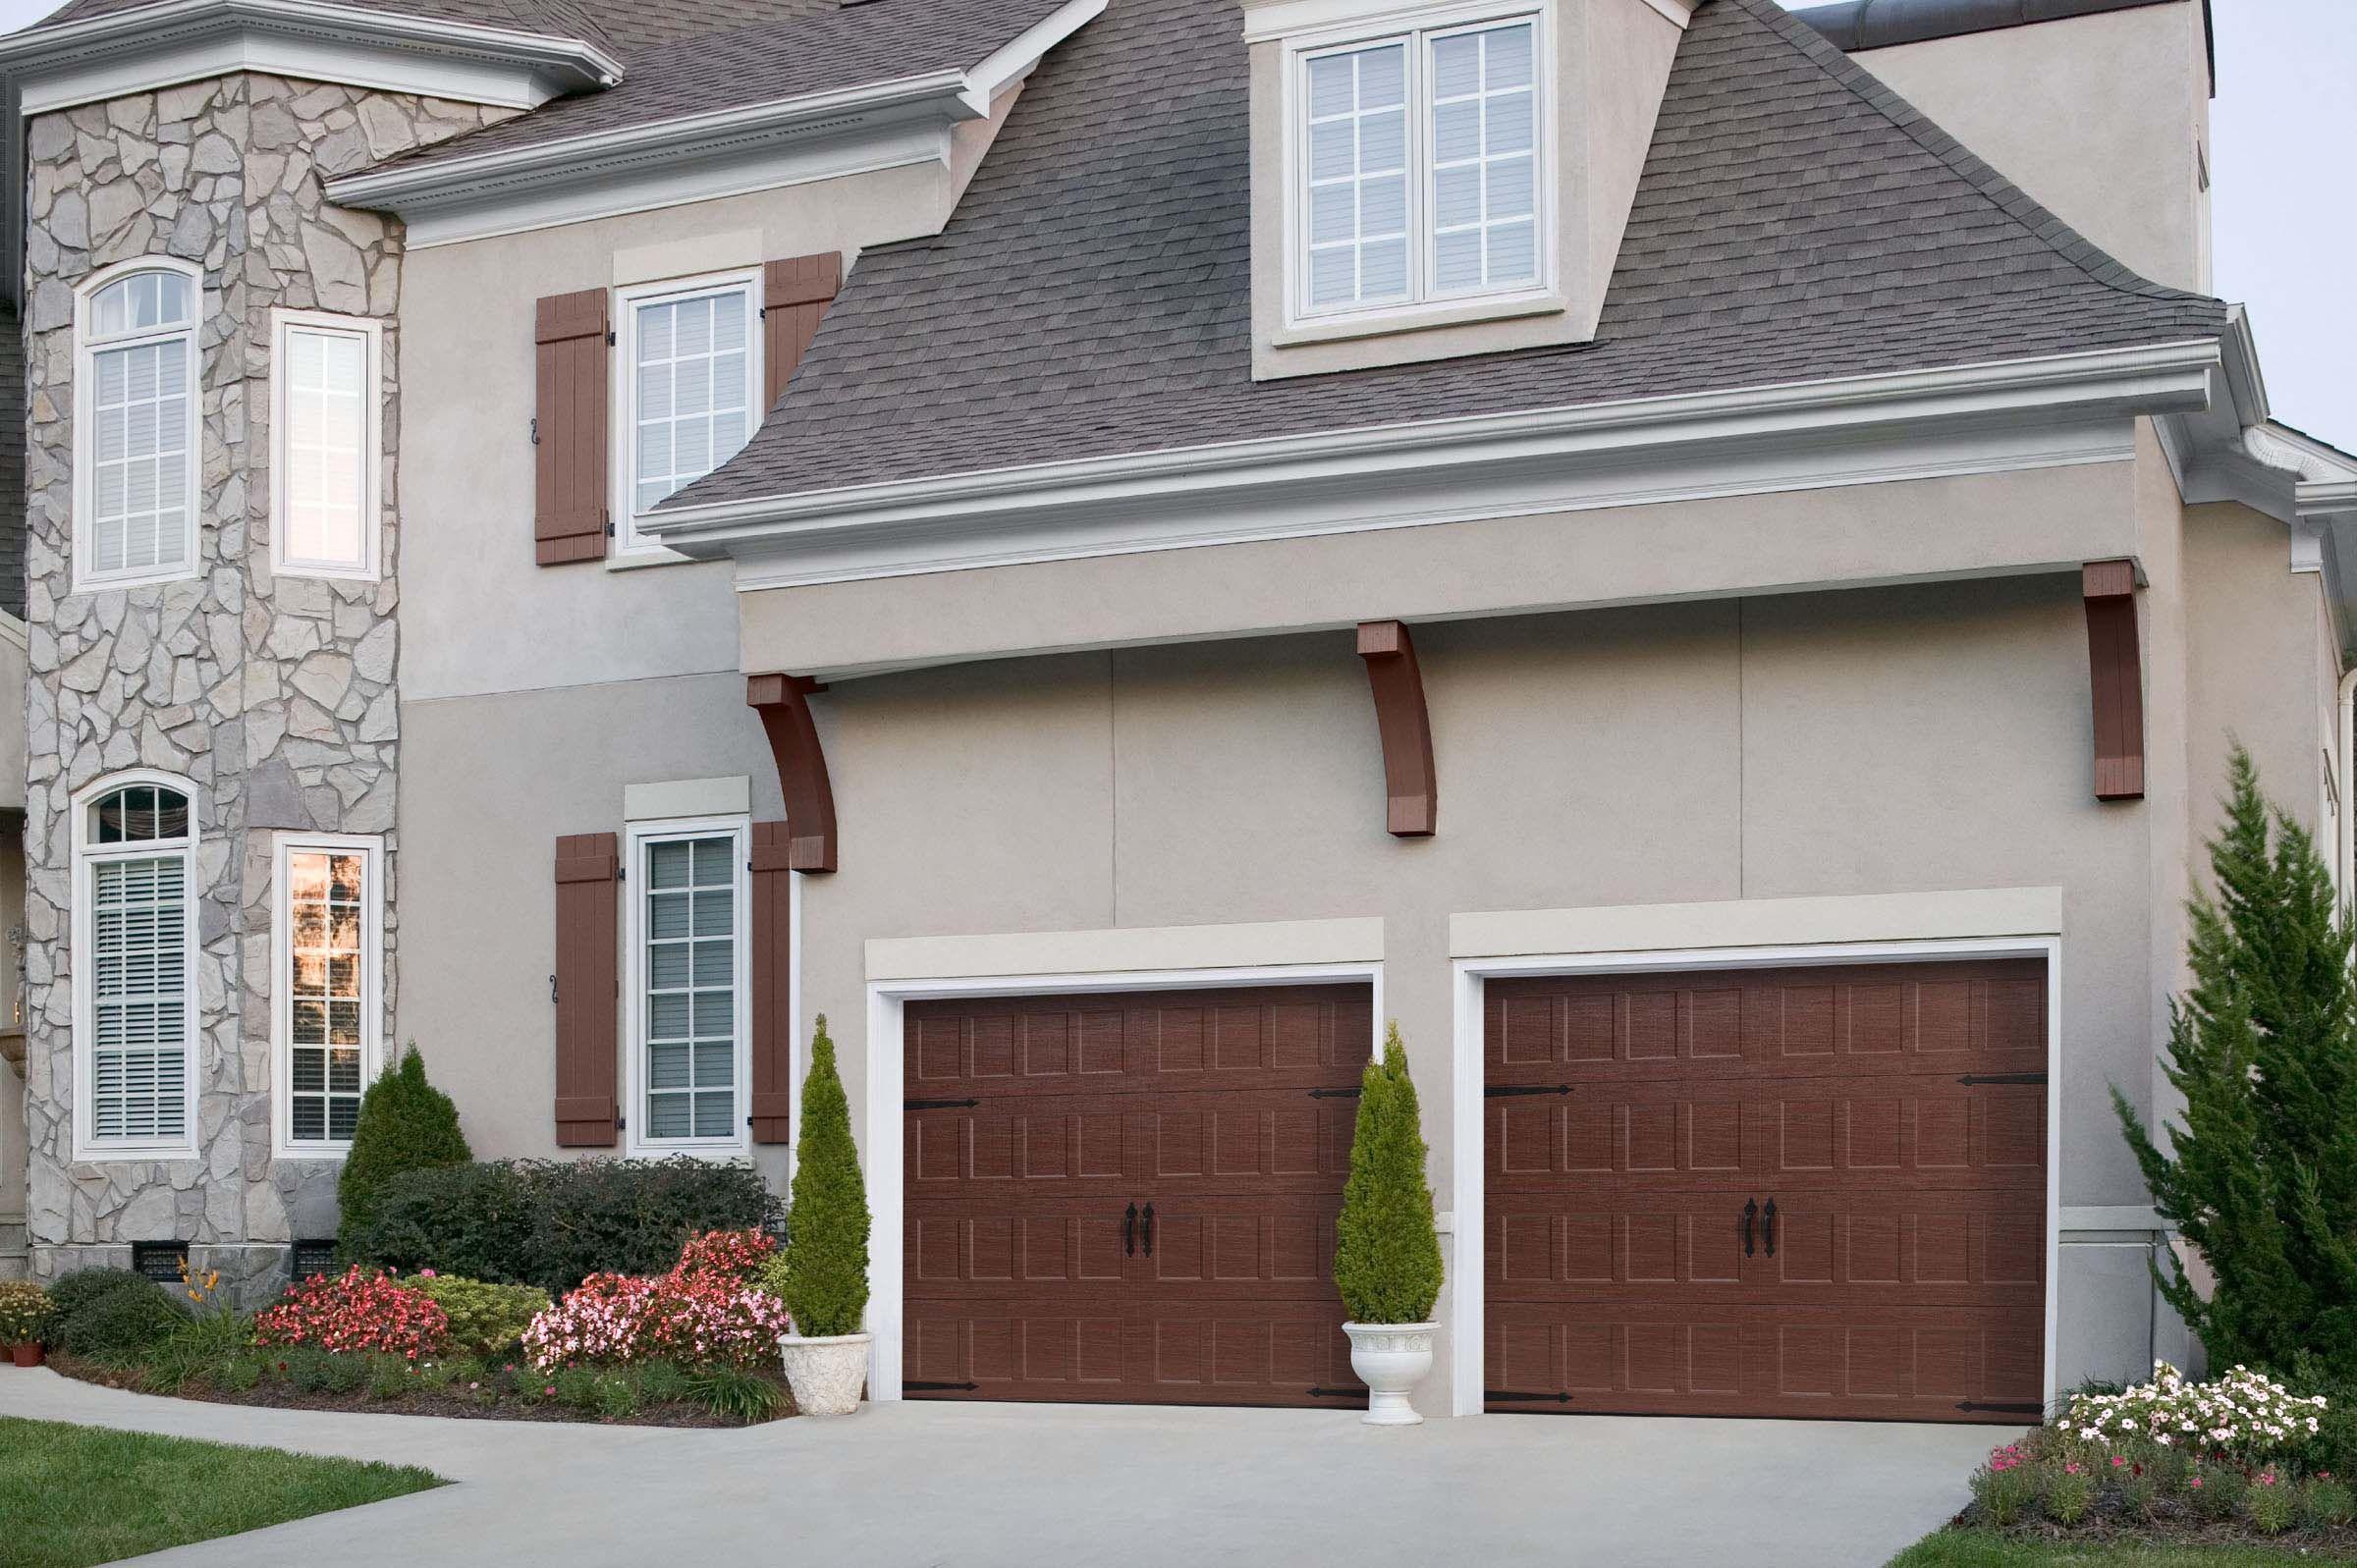 Amarr Dark Woodgrain Recessed Panel Garage Door With Optional Blue Ridge Handles And Strap Hinges A With Images House Front Door Residential Doors Garage Doors